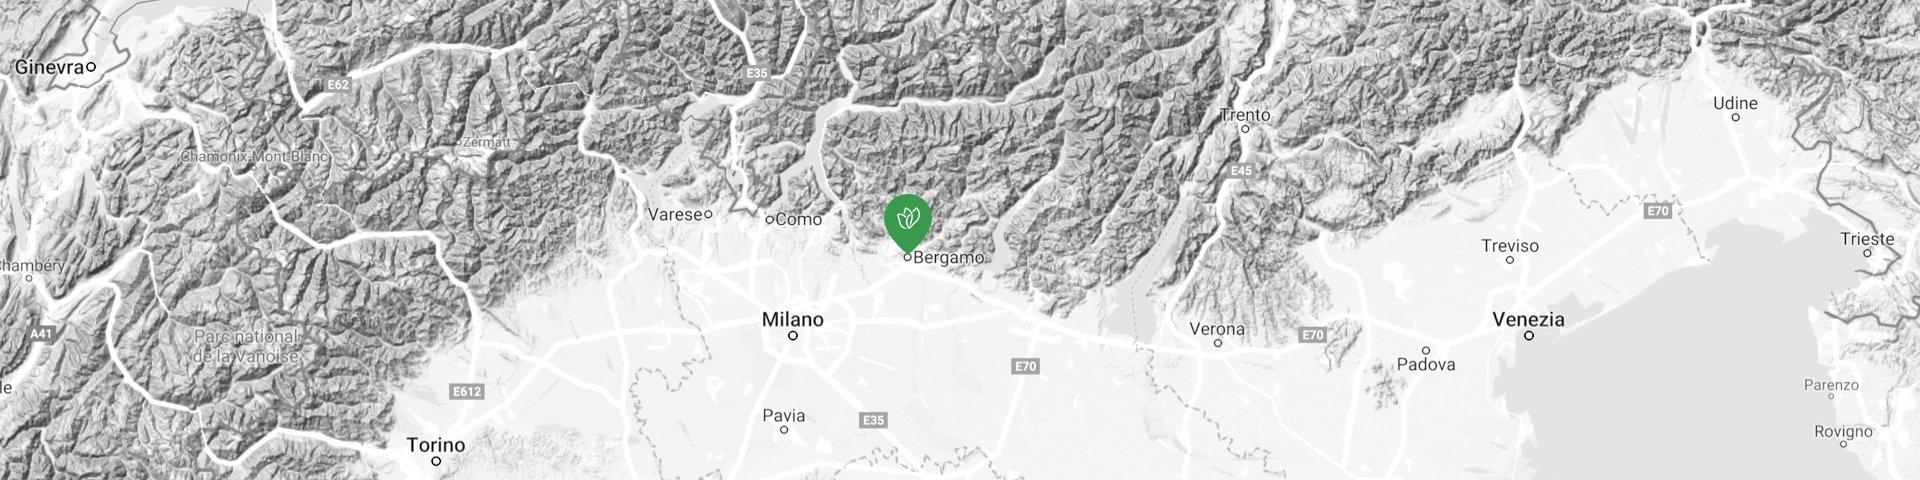 Mappa in rilievo della sede operativa di Italeen.com localizzata nella città di Bergamo